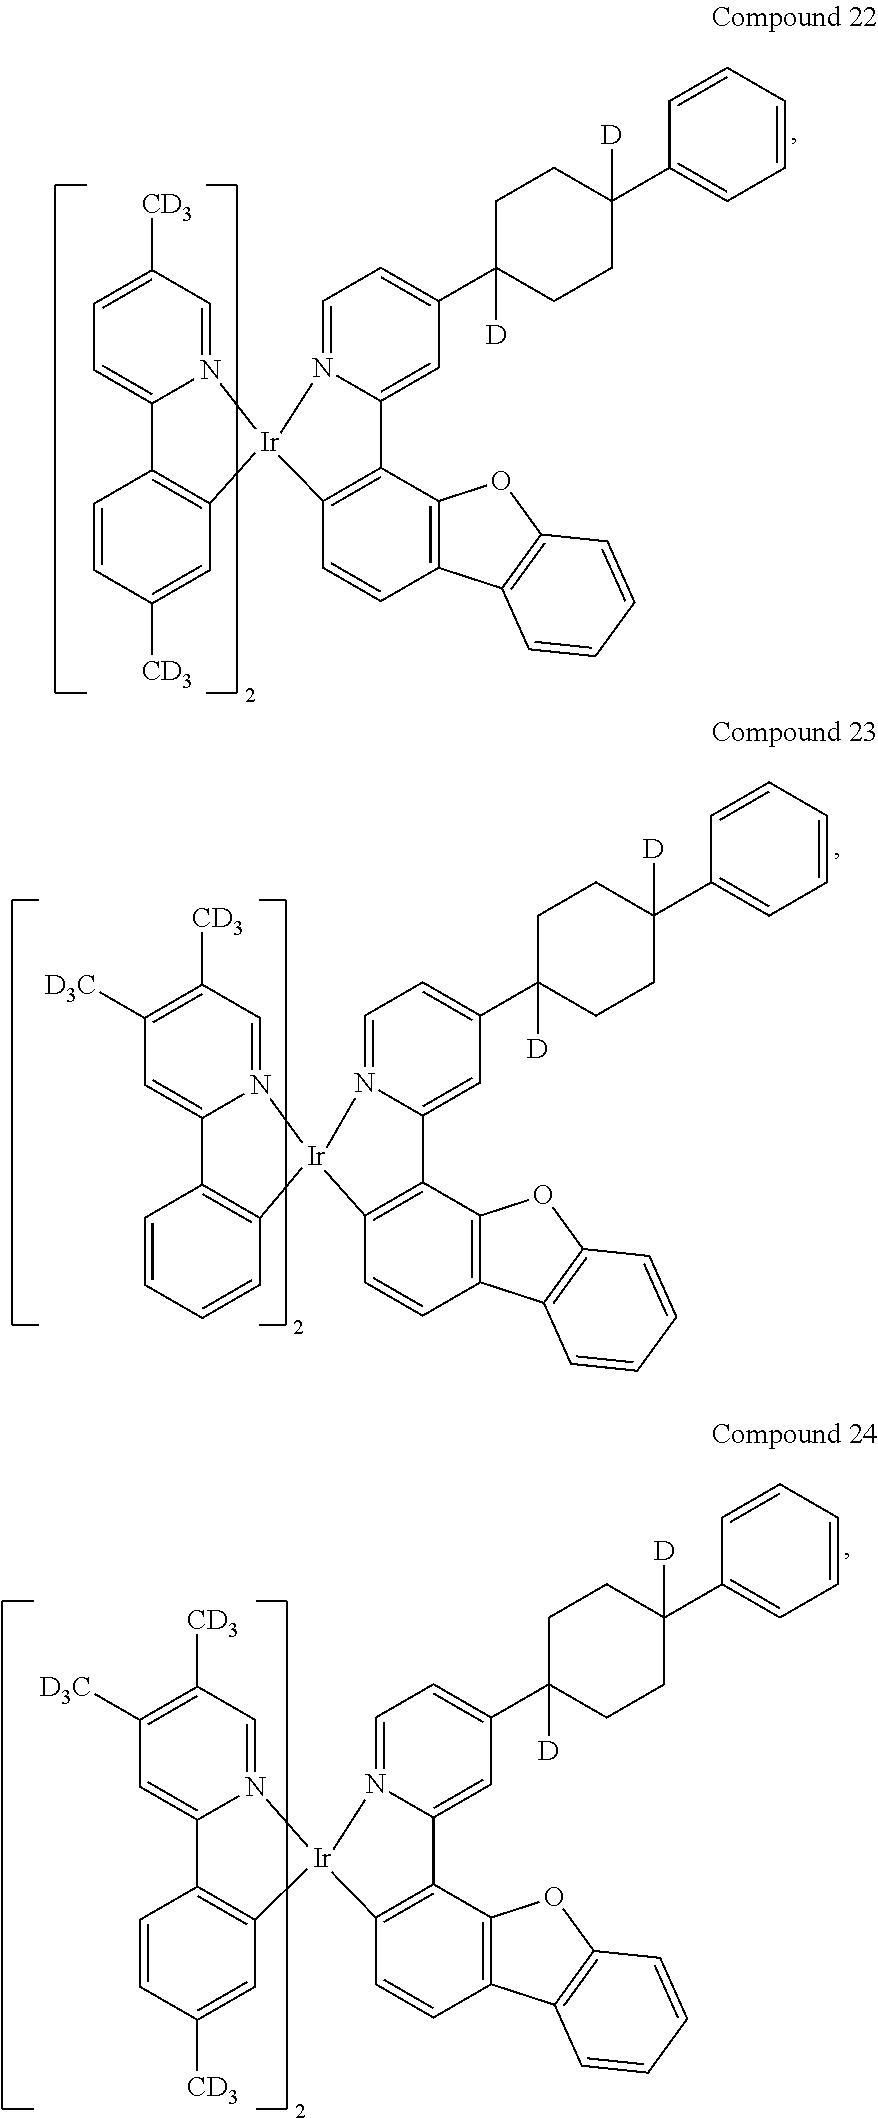 Figure US20180076393A1-20180315-C00028